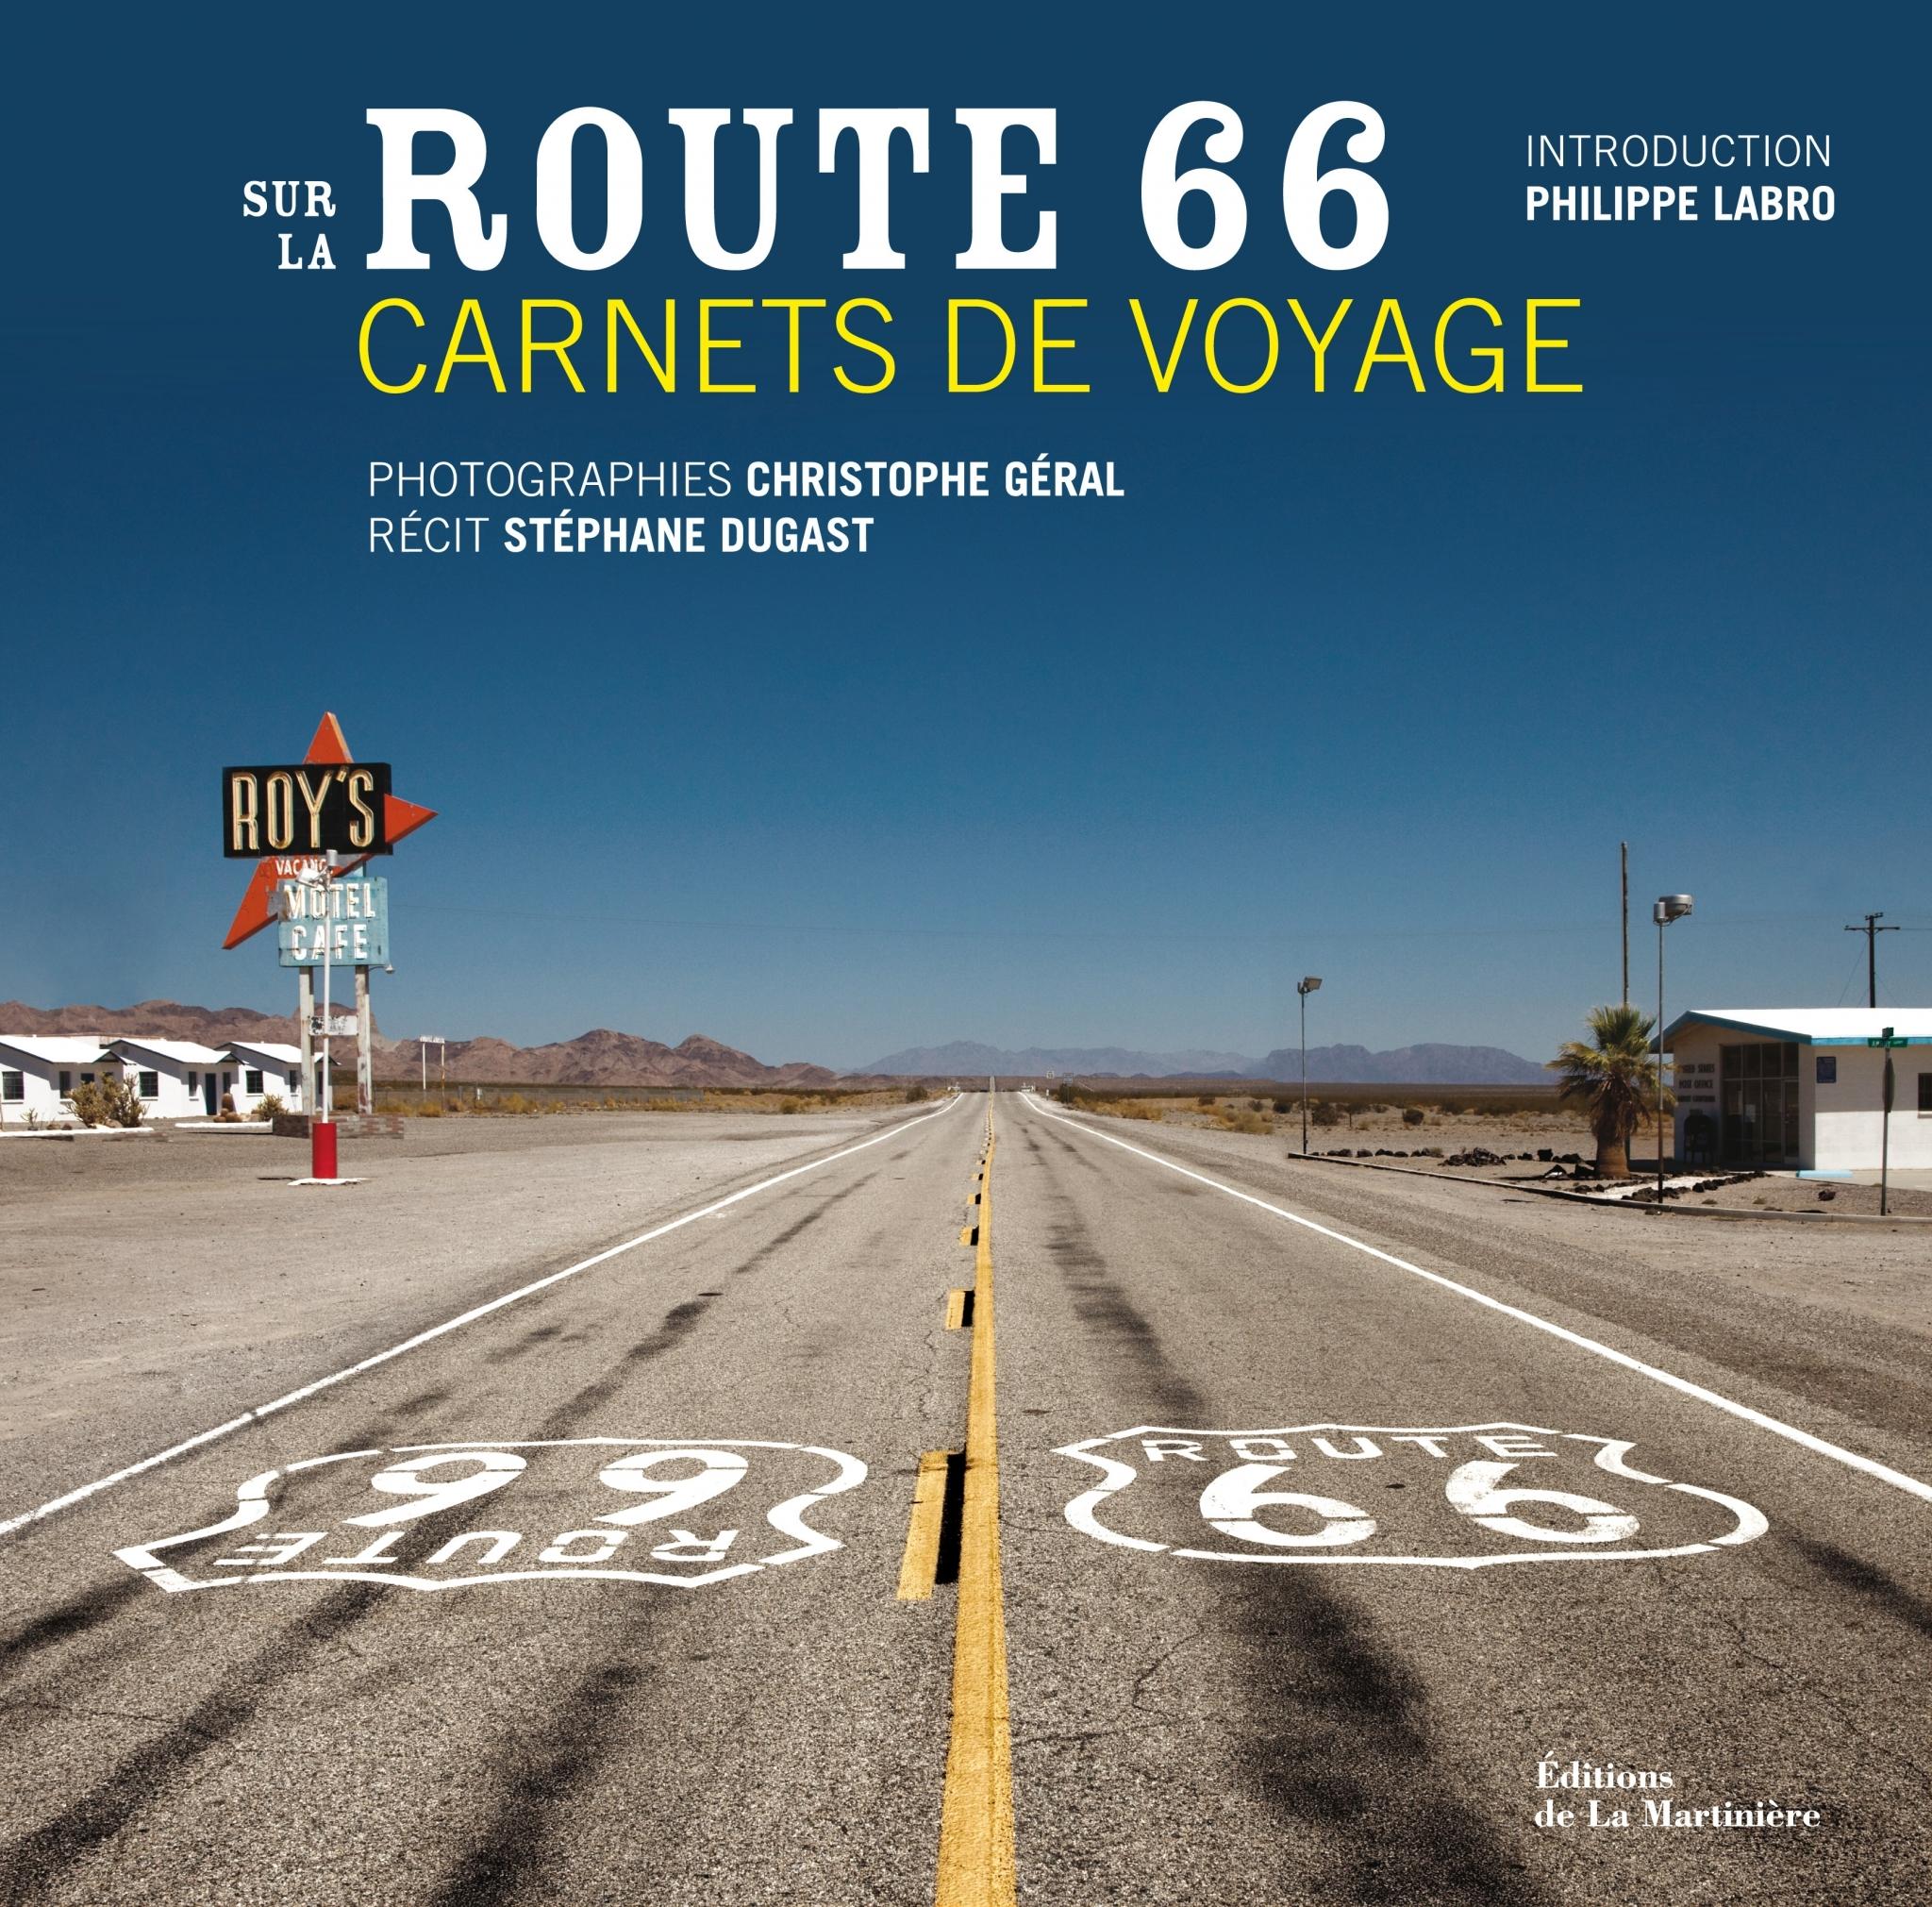 route 66,amérique,usa,chicago,los angeles,christophe geral,stéphane dugast,aventure,moto